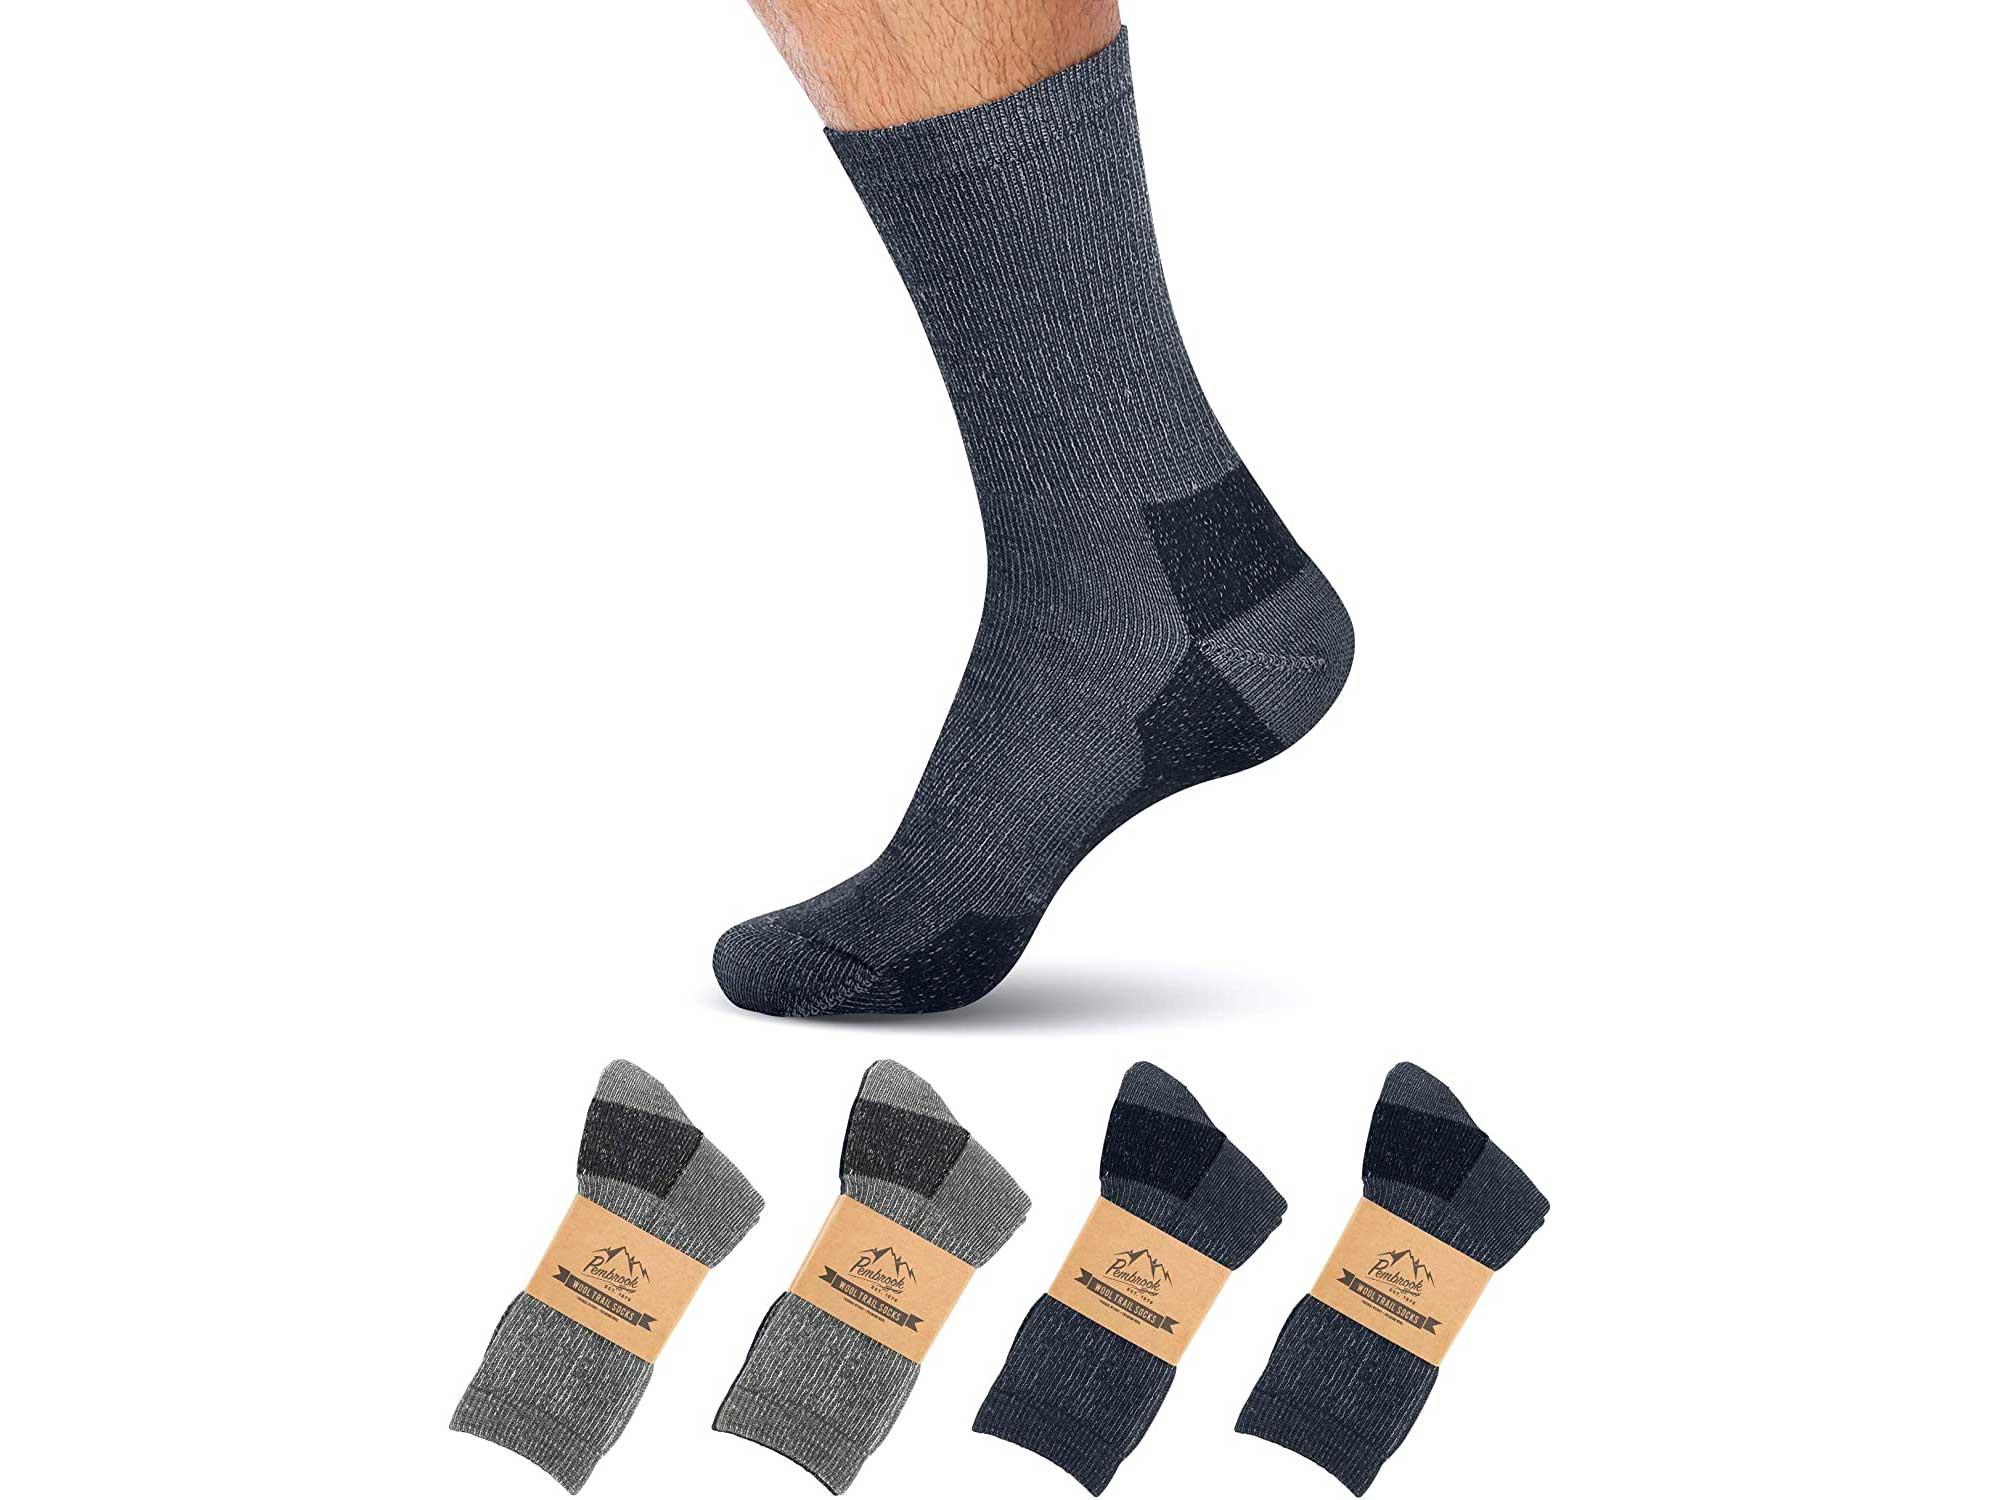 Pembrook Merino Wool Socks For Women & Men